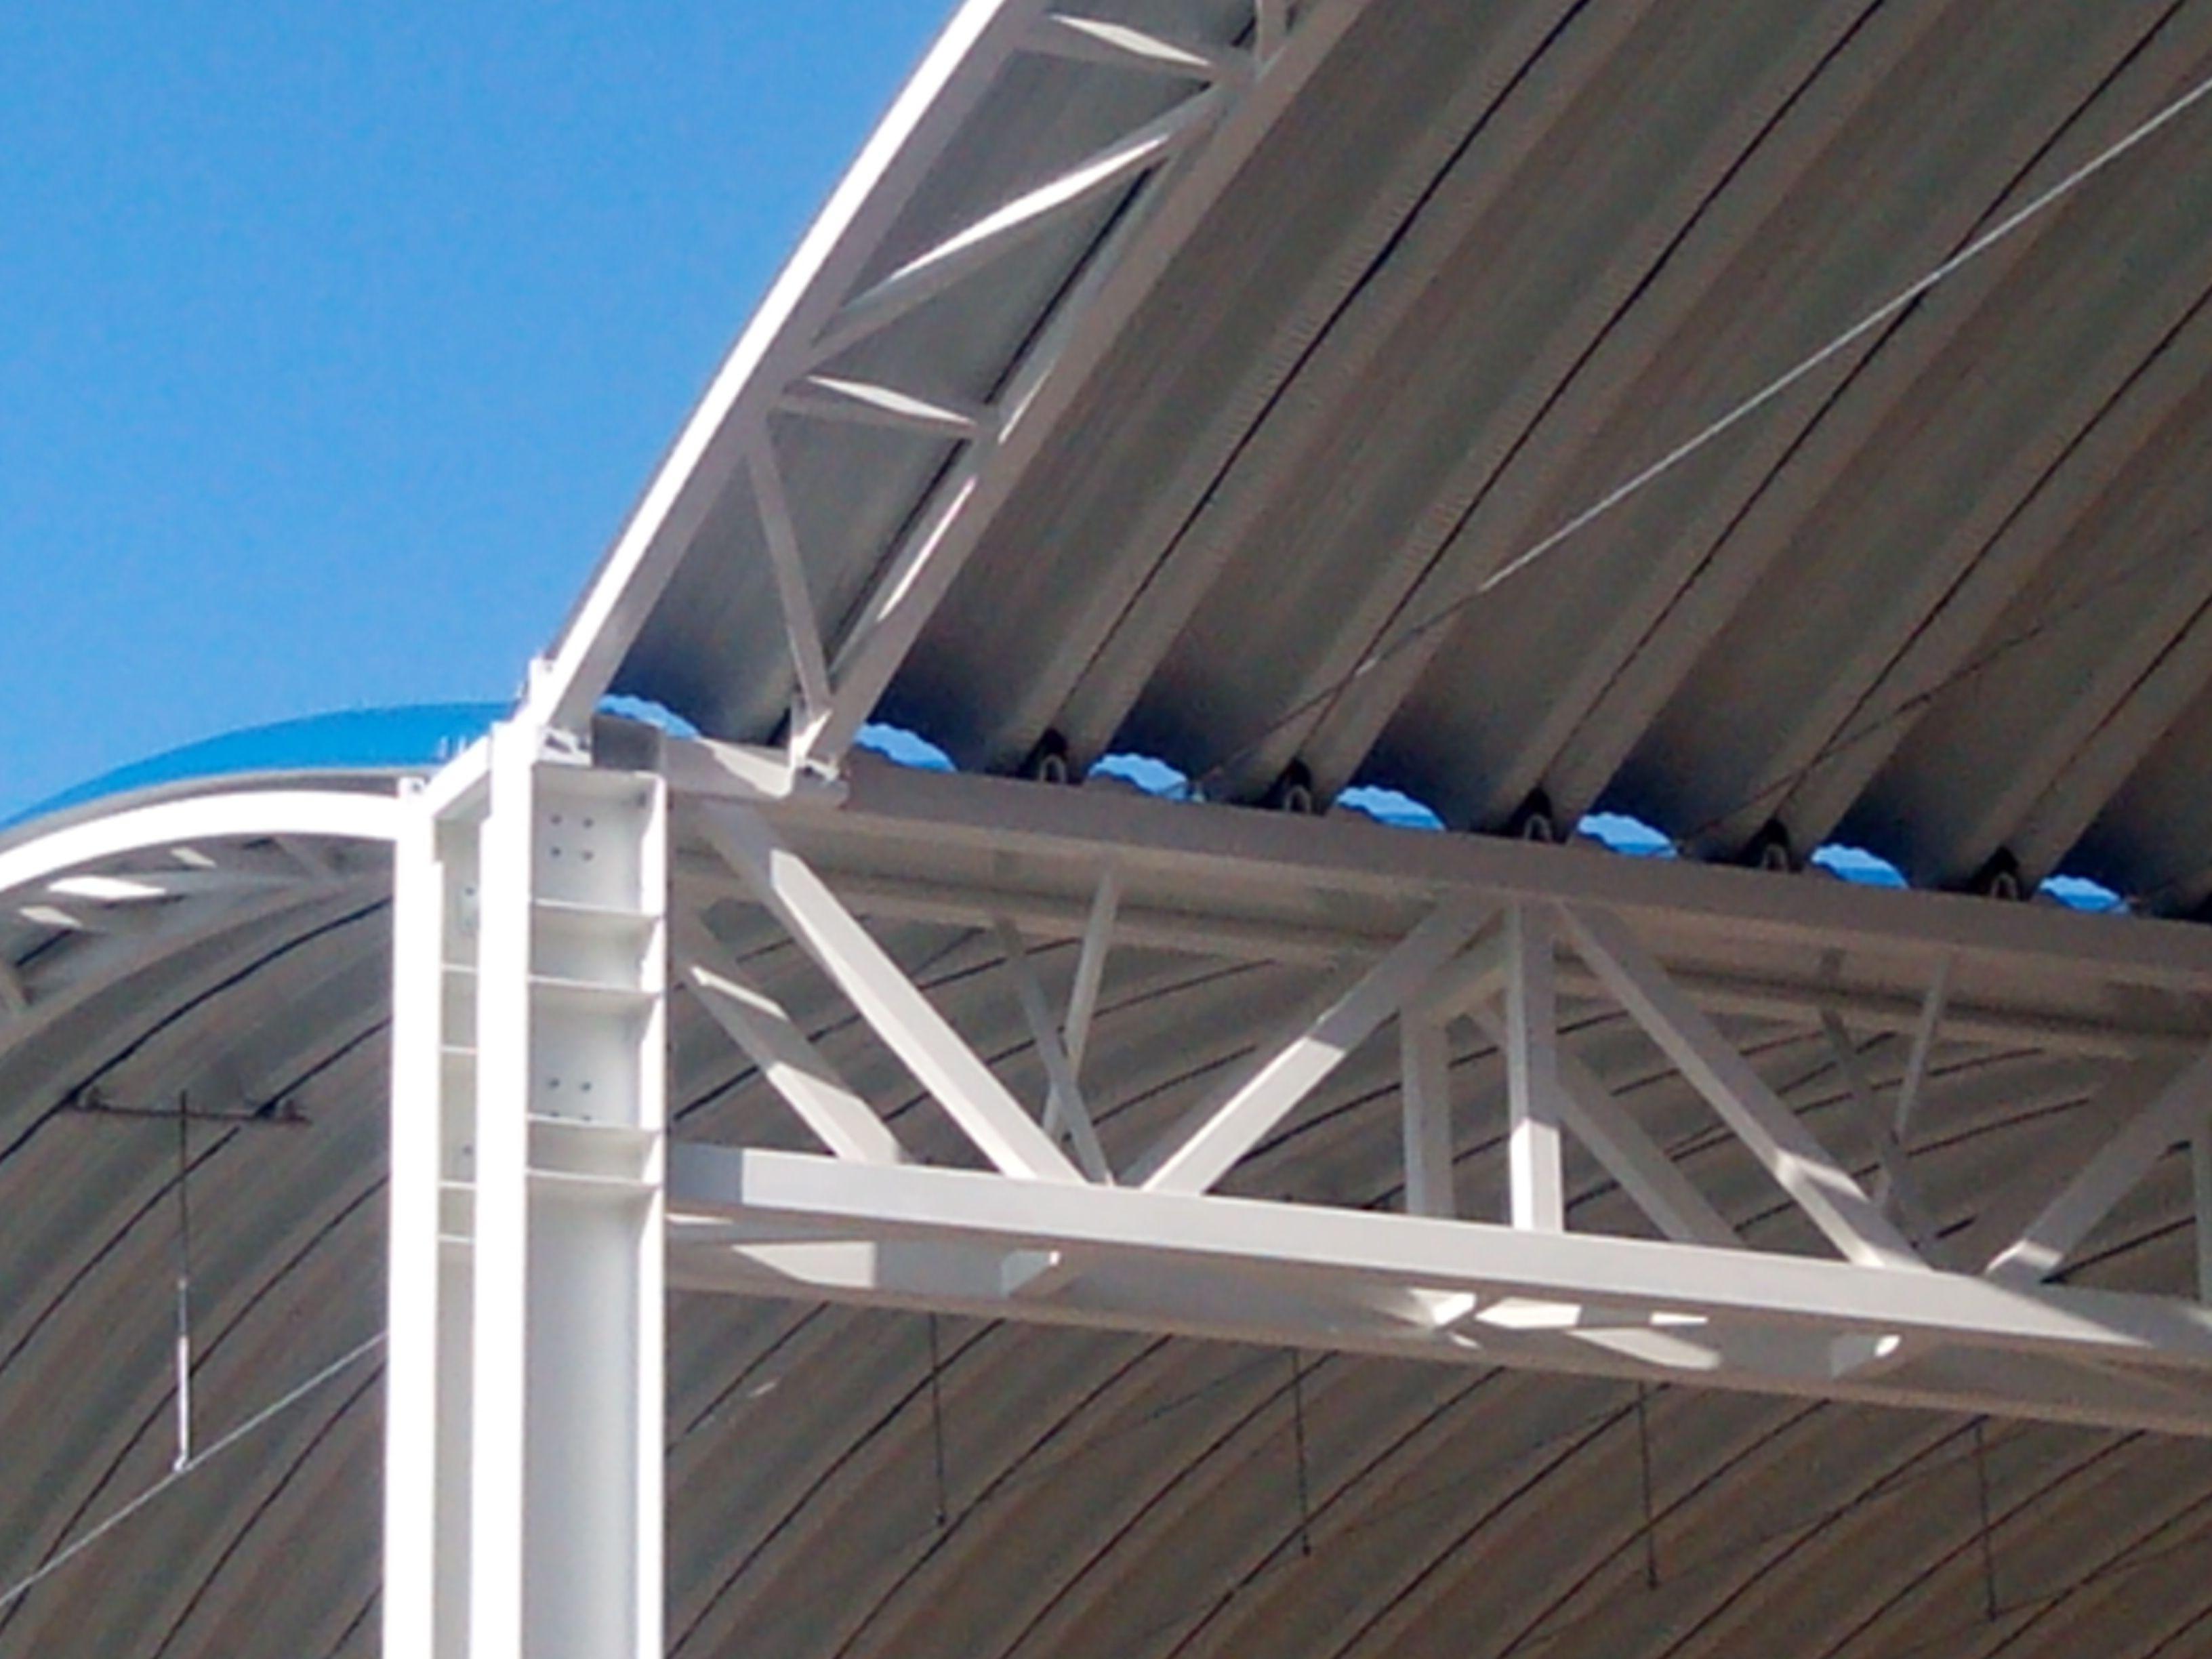 Detalle de sistema de tirantes entre j cenas en estructura met lica chapa pinterest - Estructura metalica cubierta ...